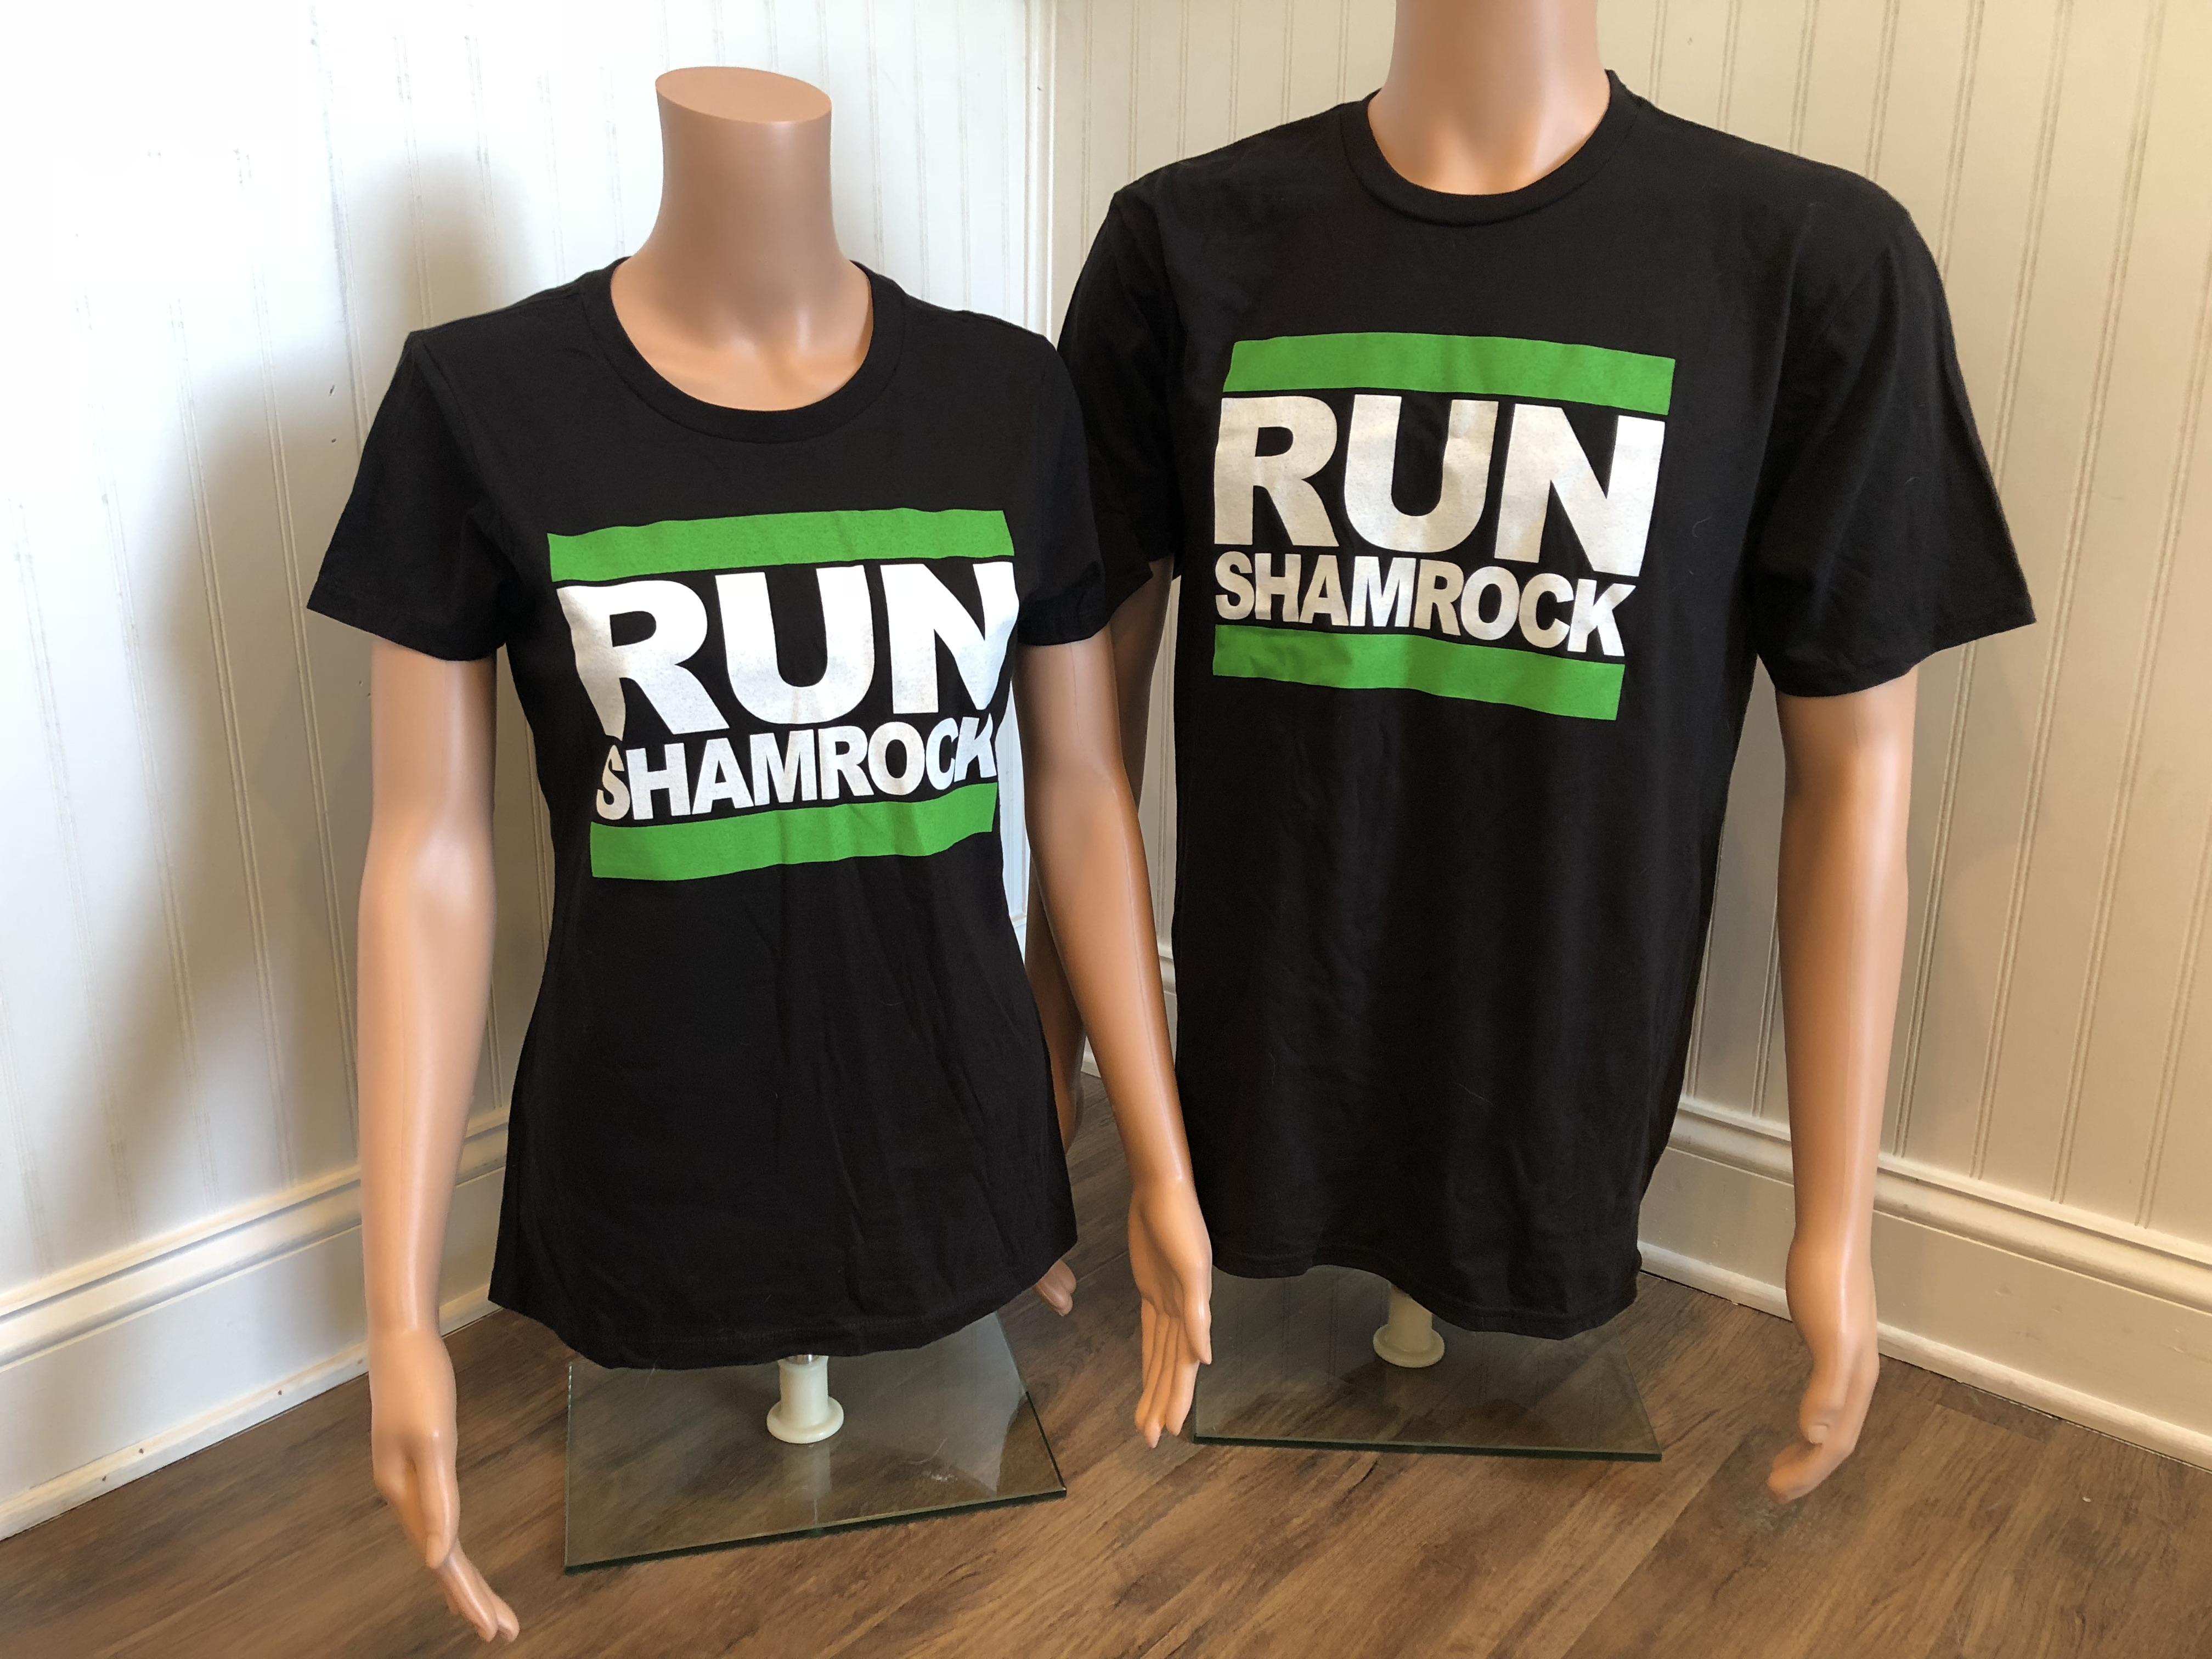 RUN Shamrock t-shirt